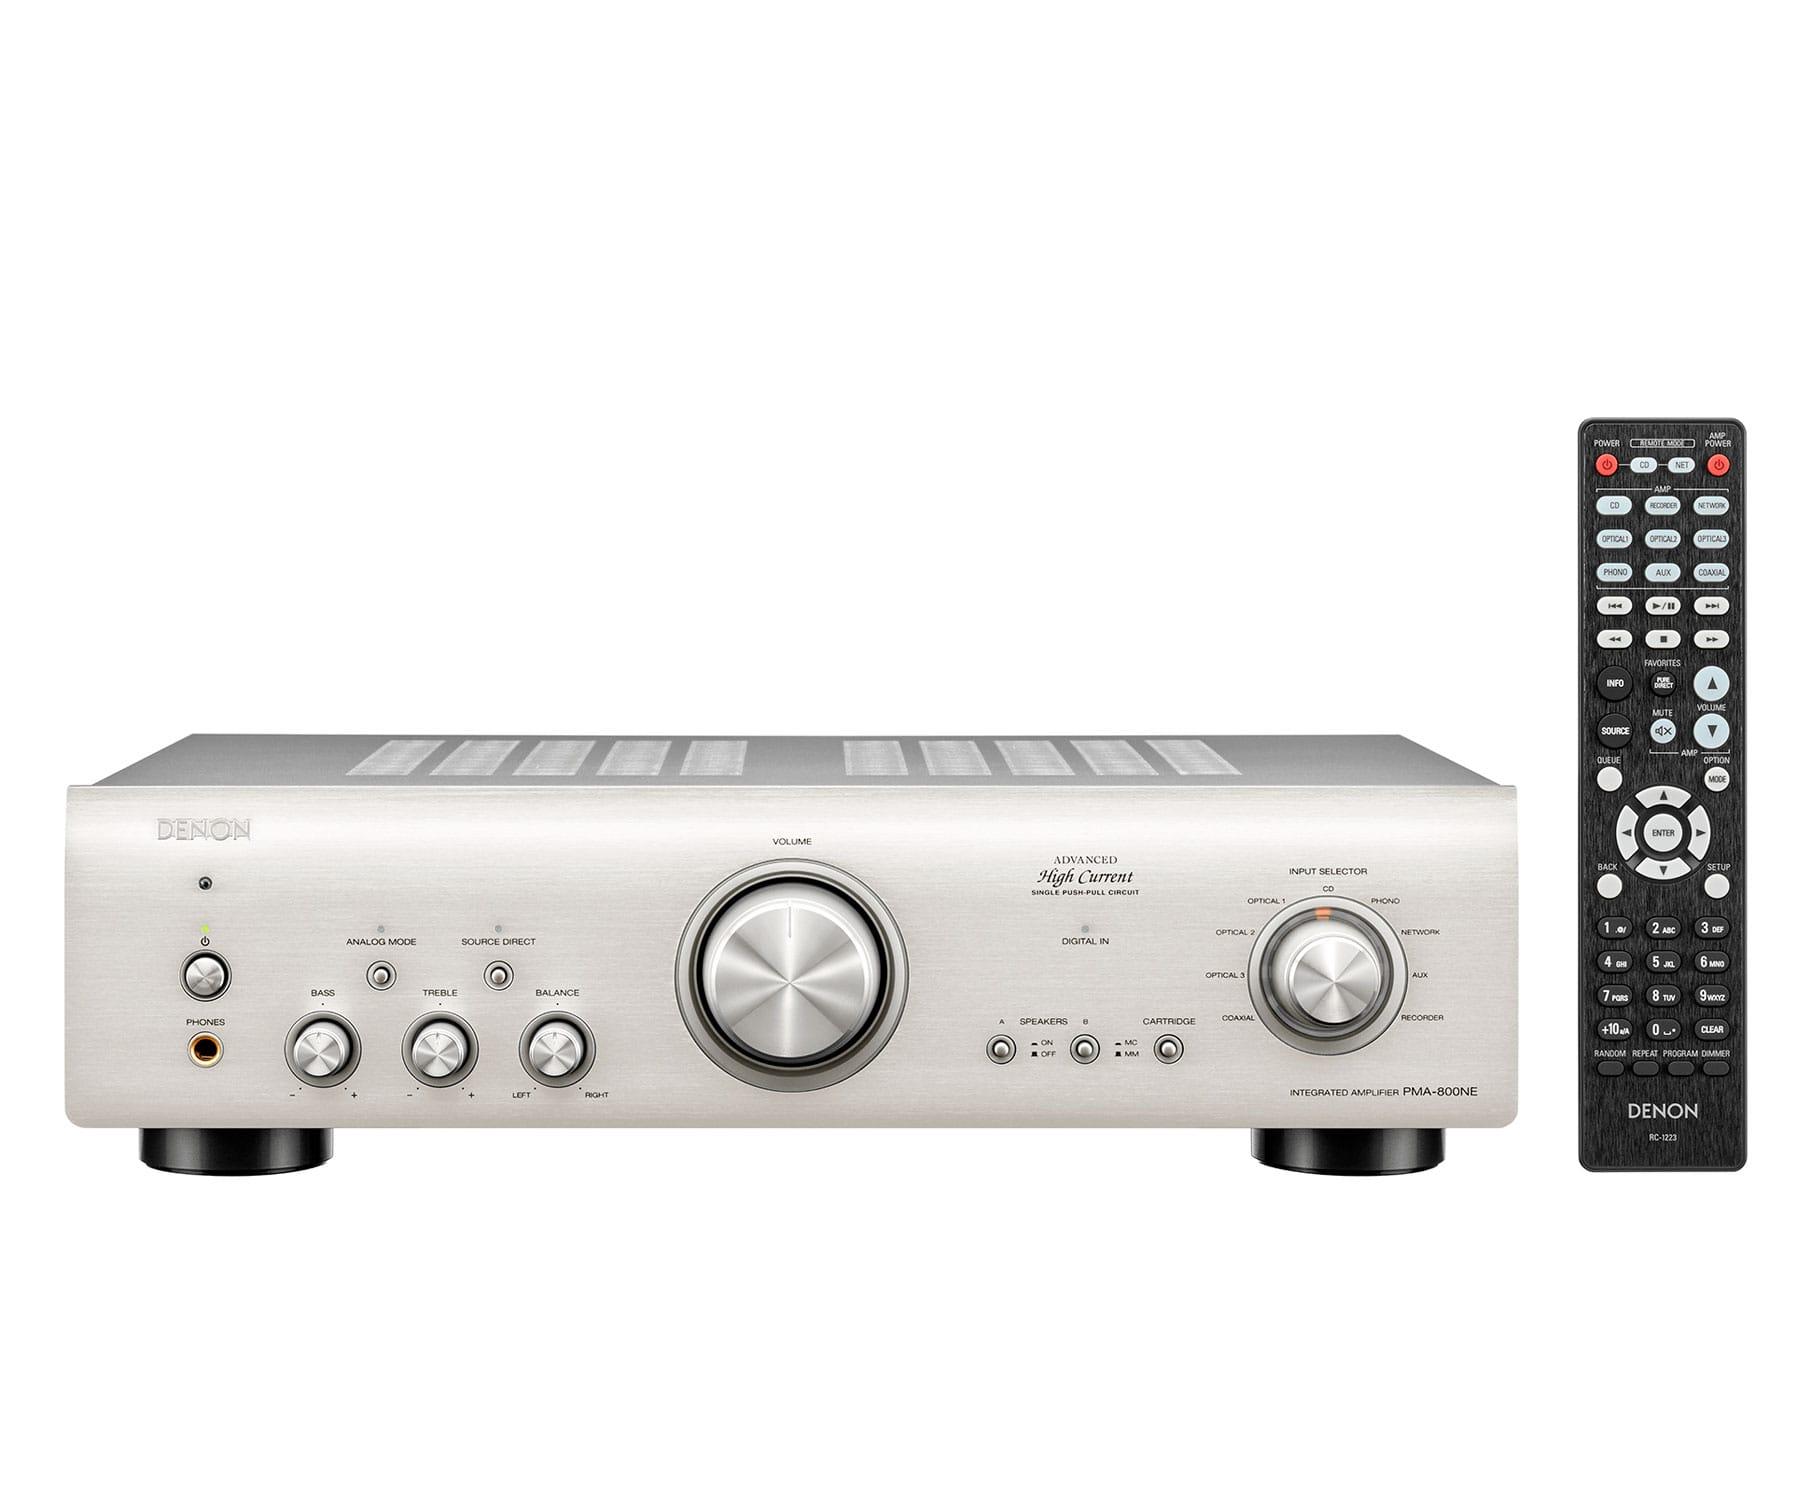 DENON PMA 800 Plata Amplificador integrado de 85 W por canal